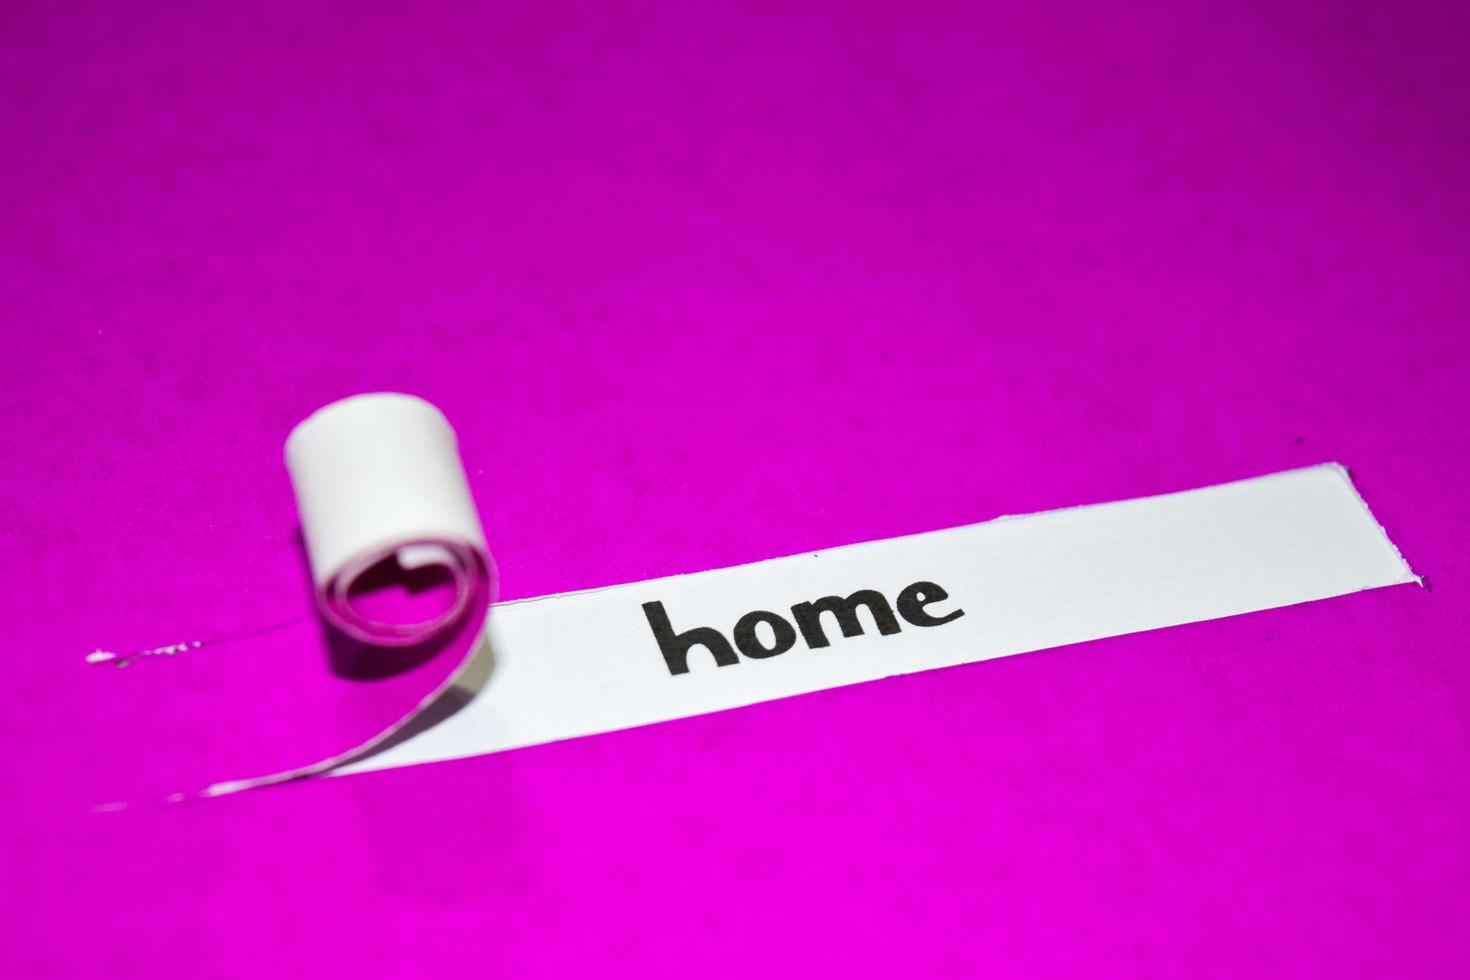 home-tekst, inspiratie, motivatie en bedrijfsconcept op paars gescheurd papier foto